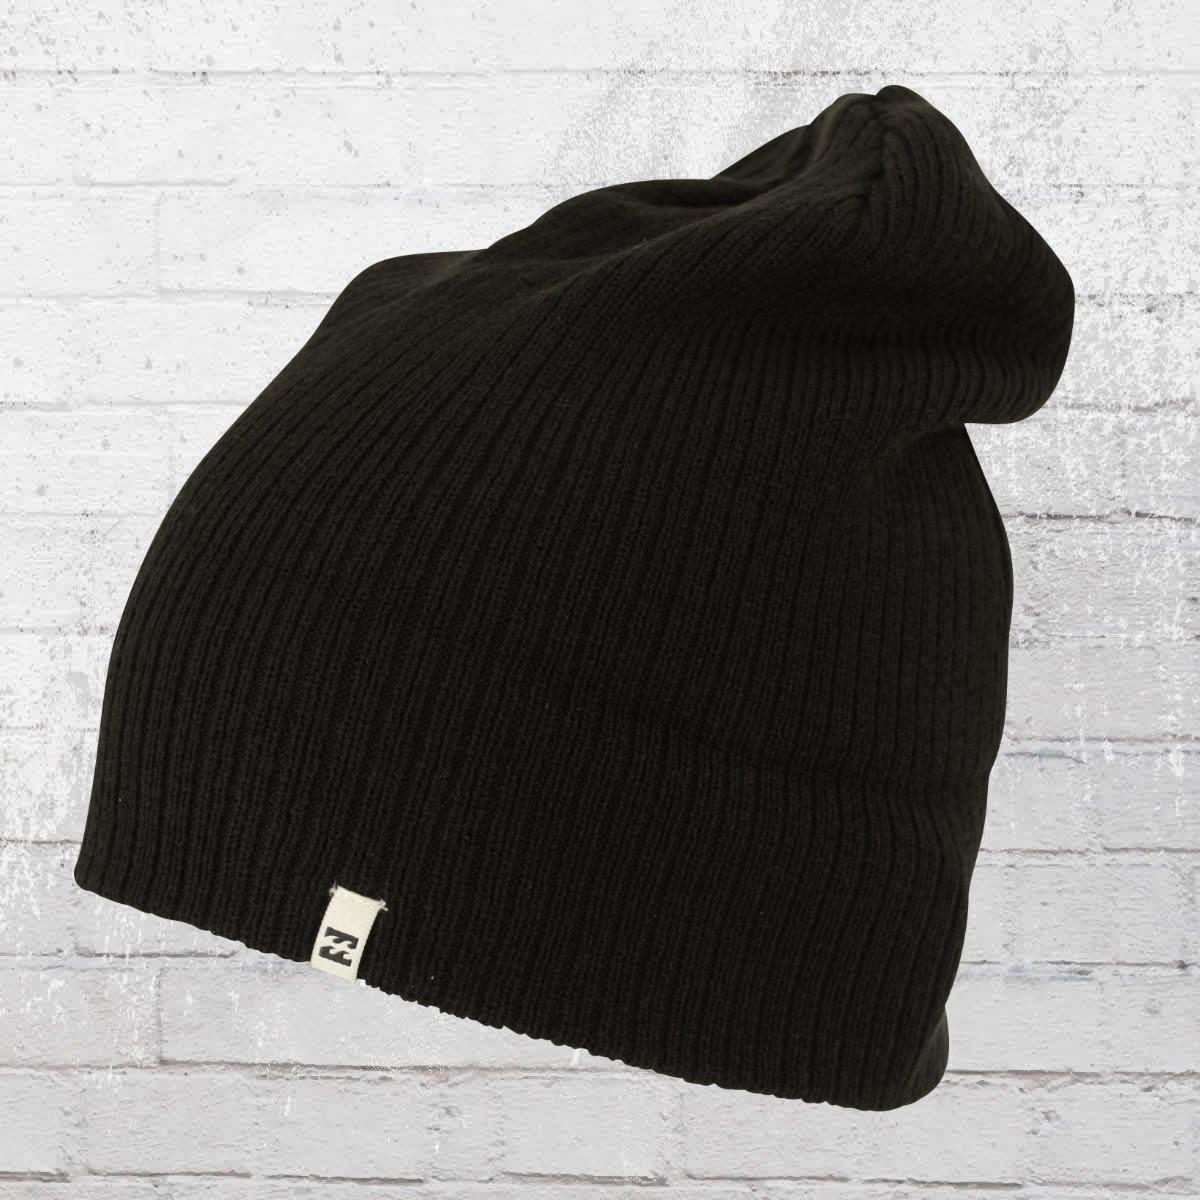 b32c270c8f4 Have you seen  Pelle Pelle Knit Hat Signature Beanie black